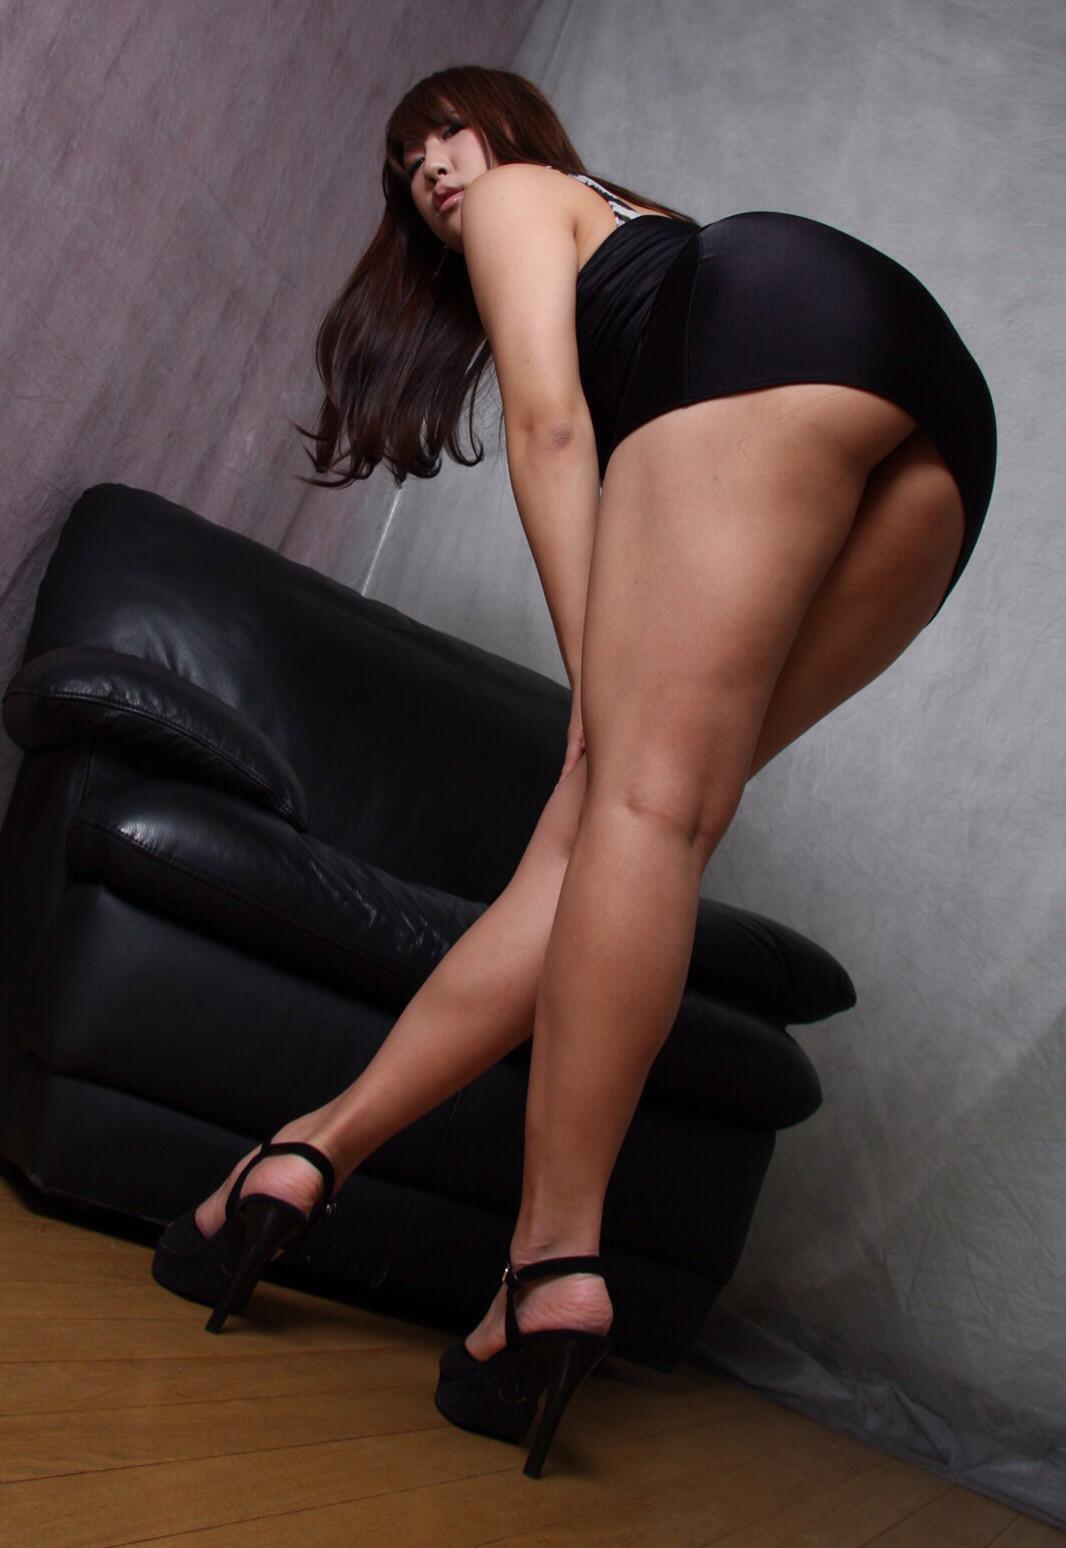 太ももフェチ専用の美脚女子のエロ画像35枚・8枚目の画像